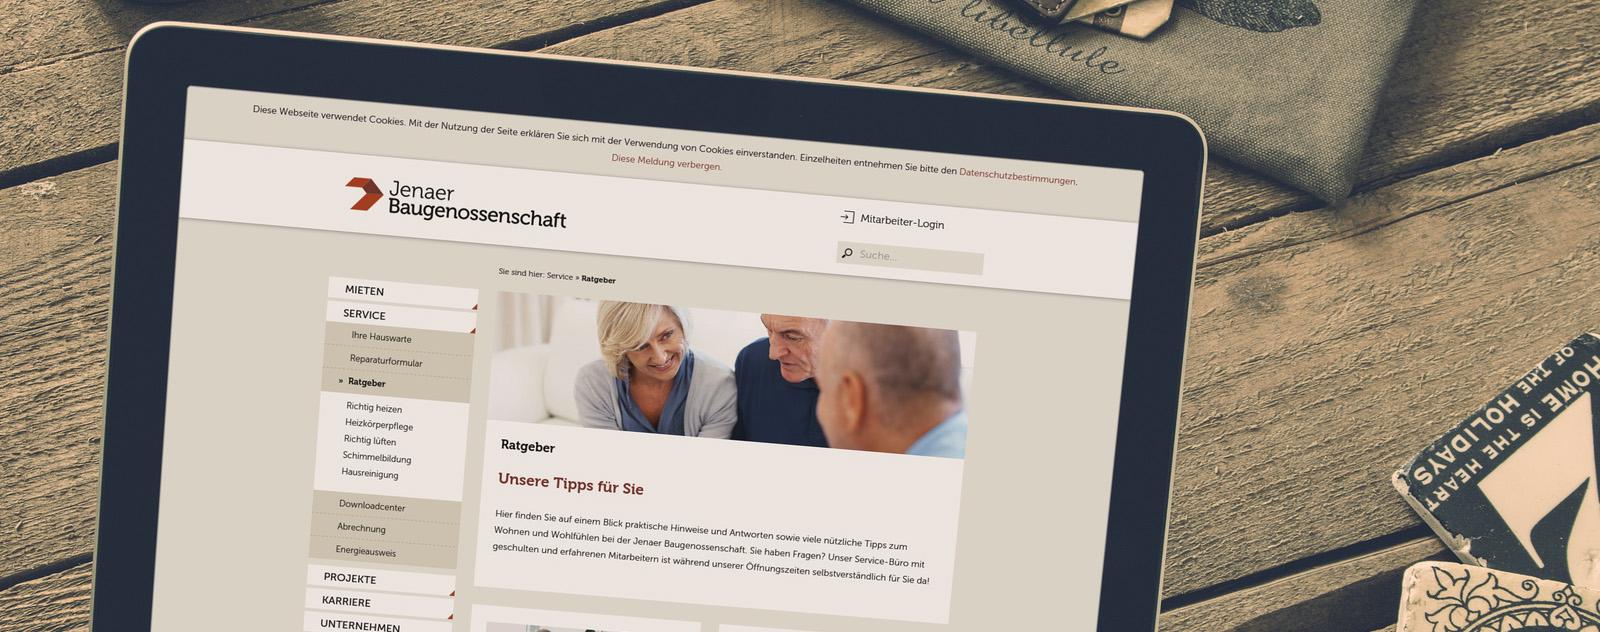 Projekt-Launch: Jenaer Baugenossenschaft